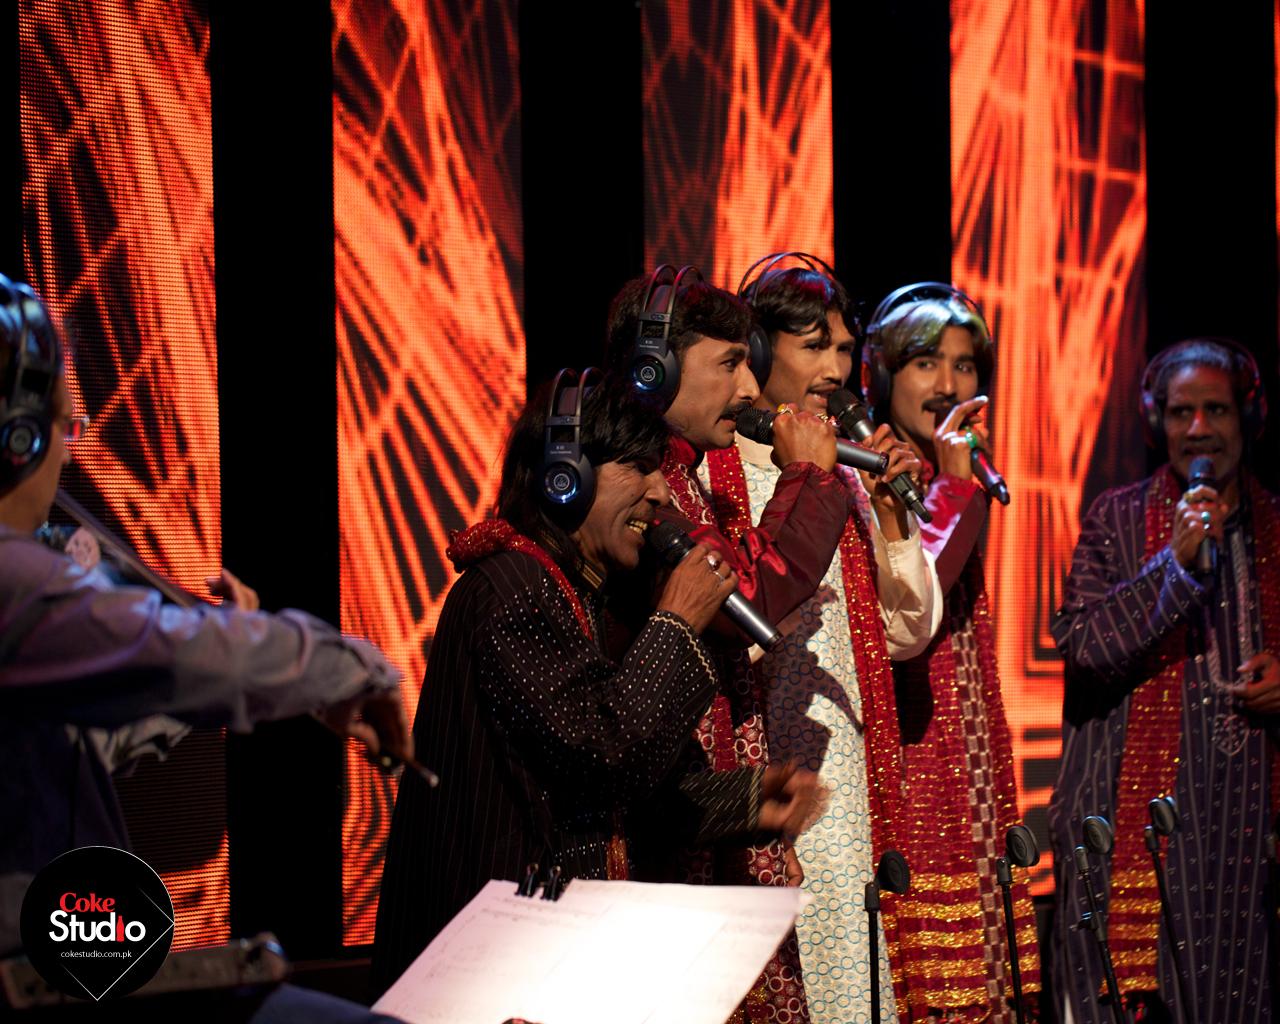 Chakwal group Wah wah Jhulara